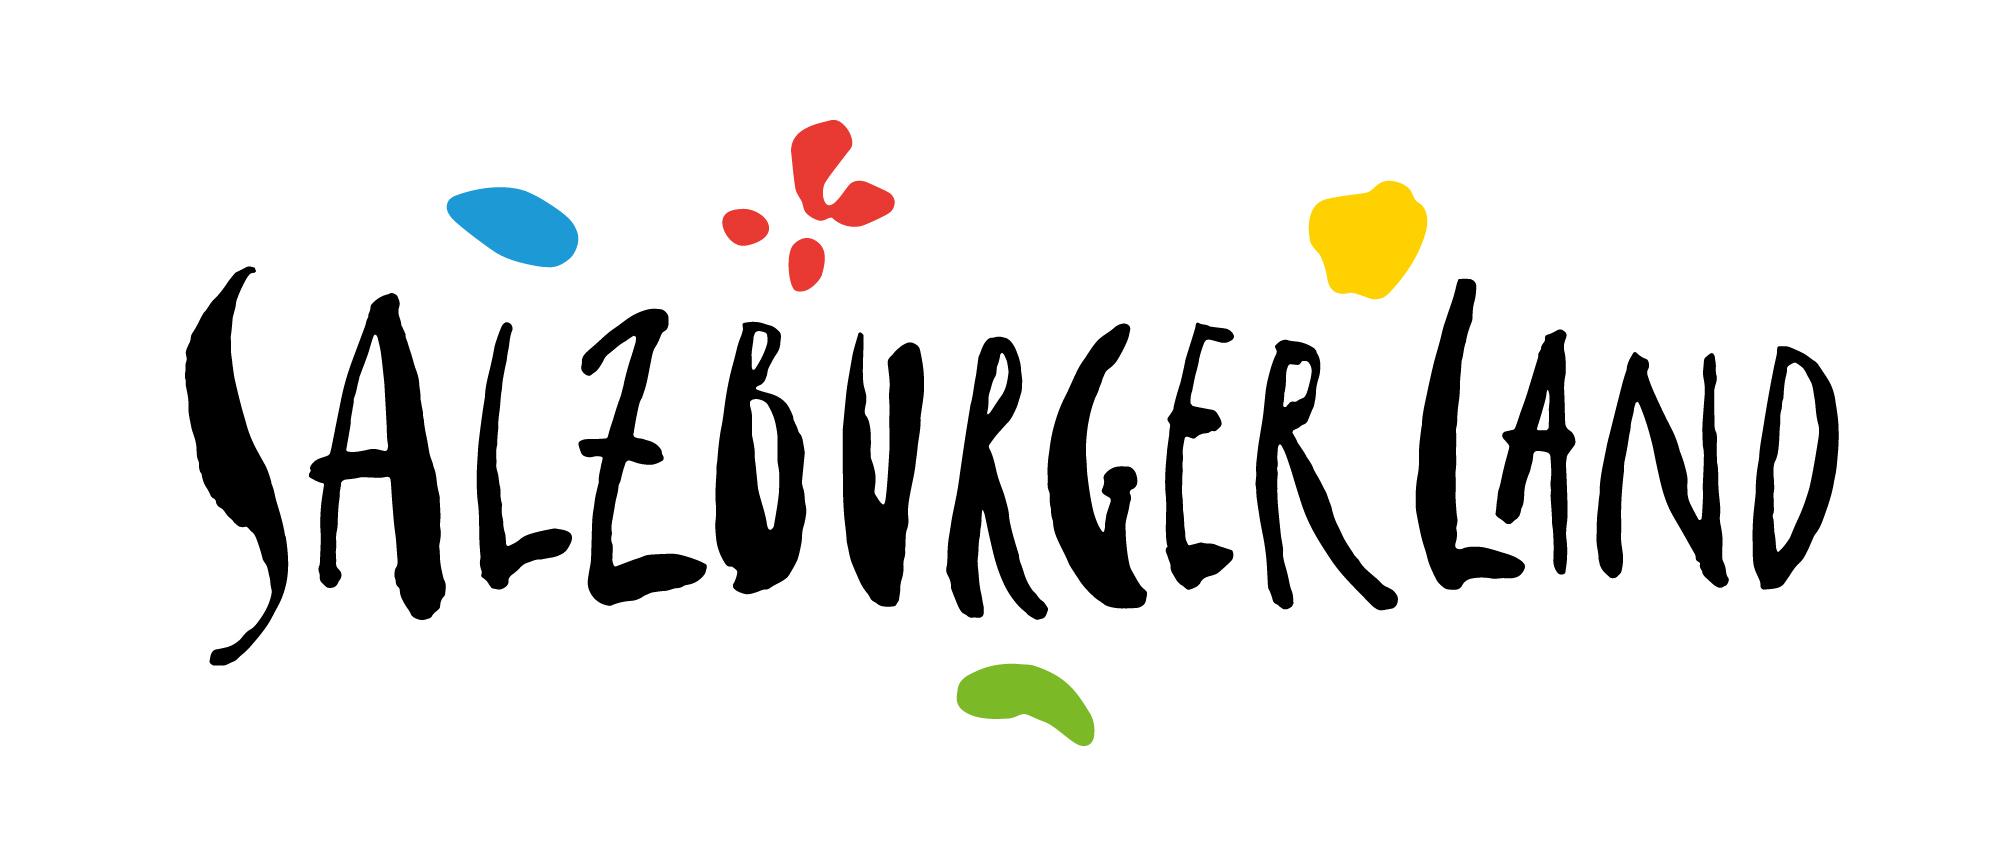 https://www.salzburgerland.com/nl/wp-content/uploads/2017/01/salzburgerland-logo.jpg